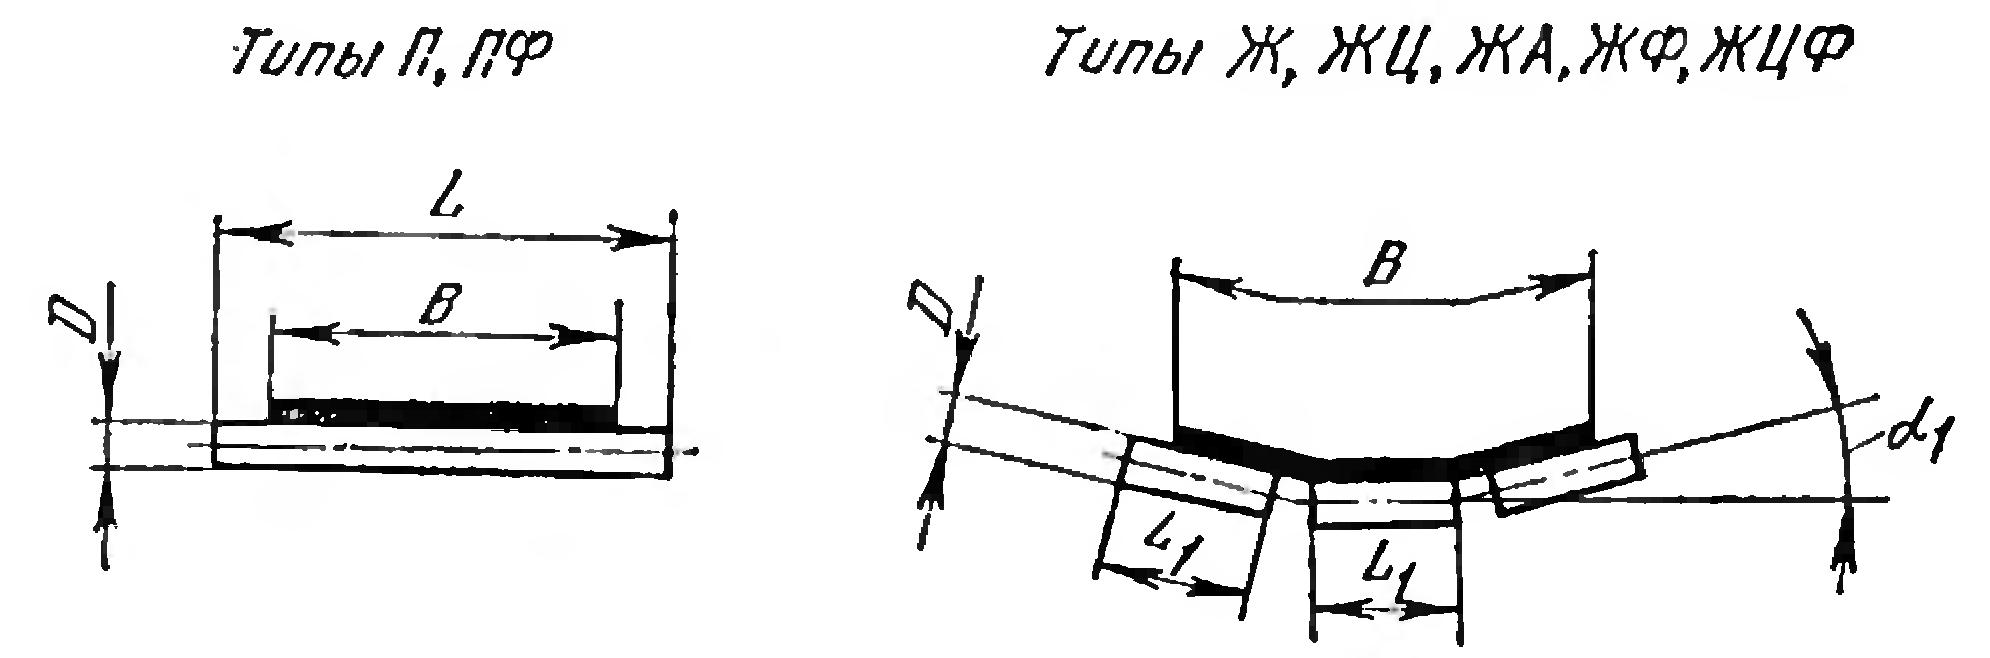 Длина роликов ленточных конвейеров пороги трубы на т4 транспортер